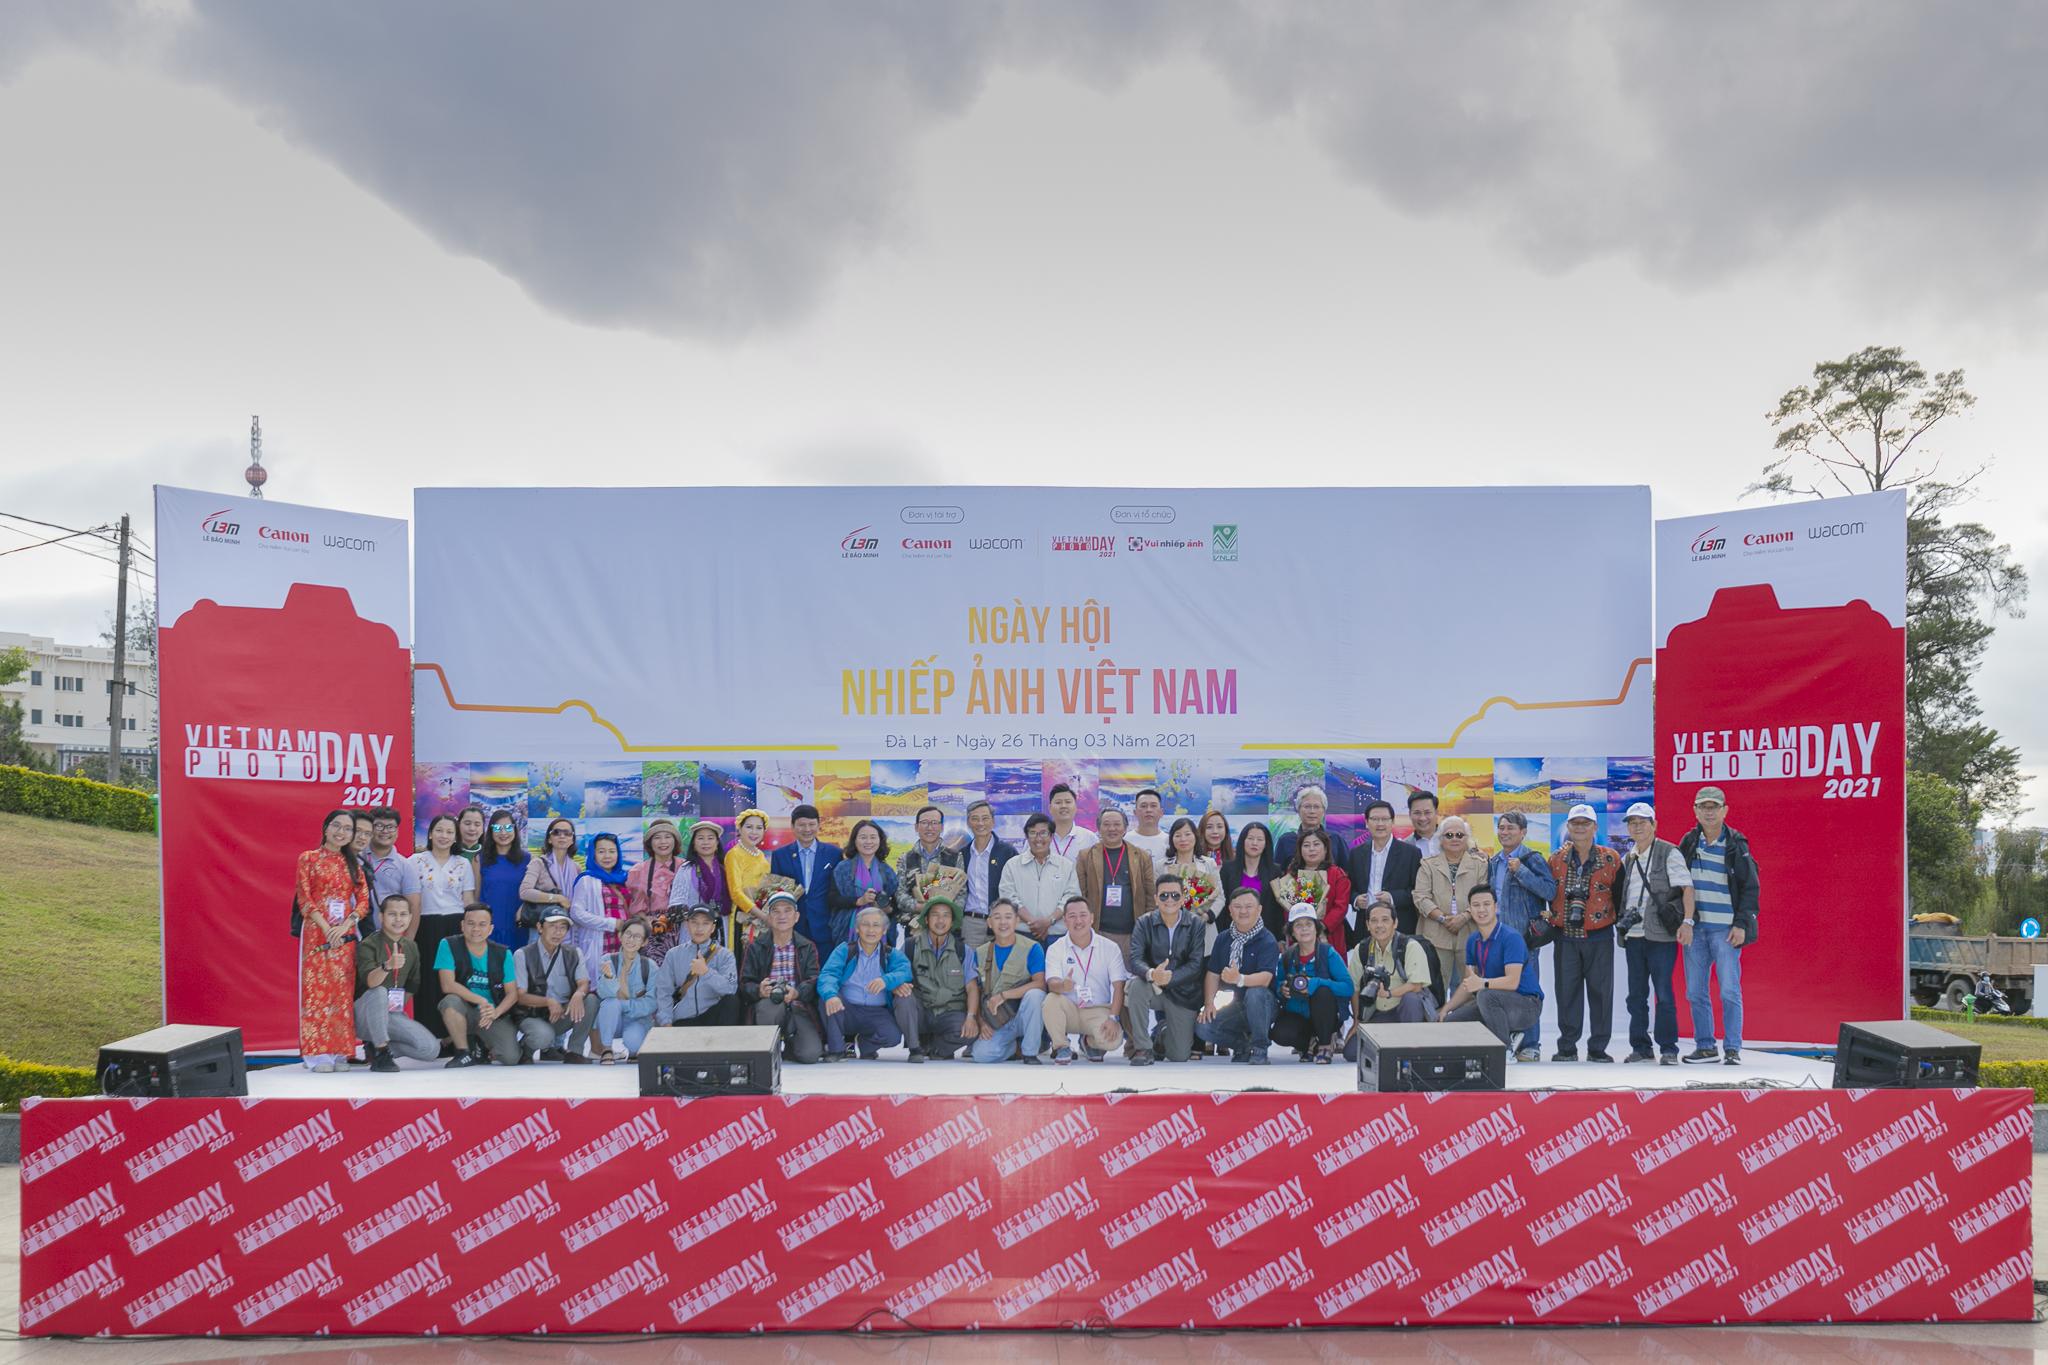 Khai mạc Ngày hội Nhiếp ảnh Việt Nam